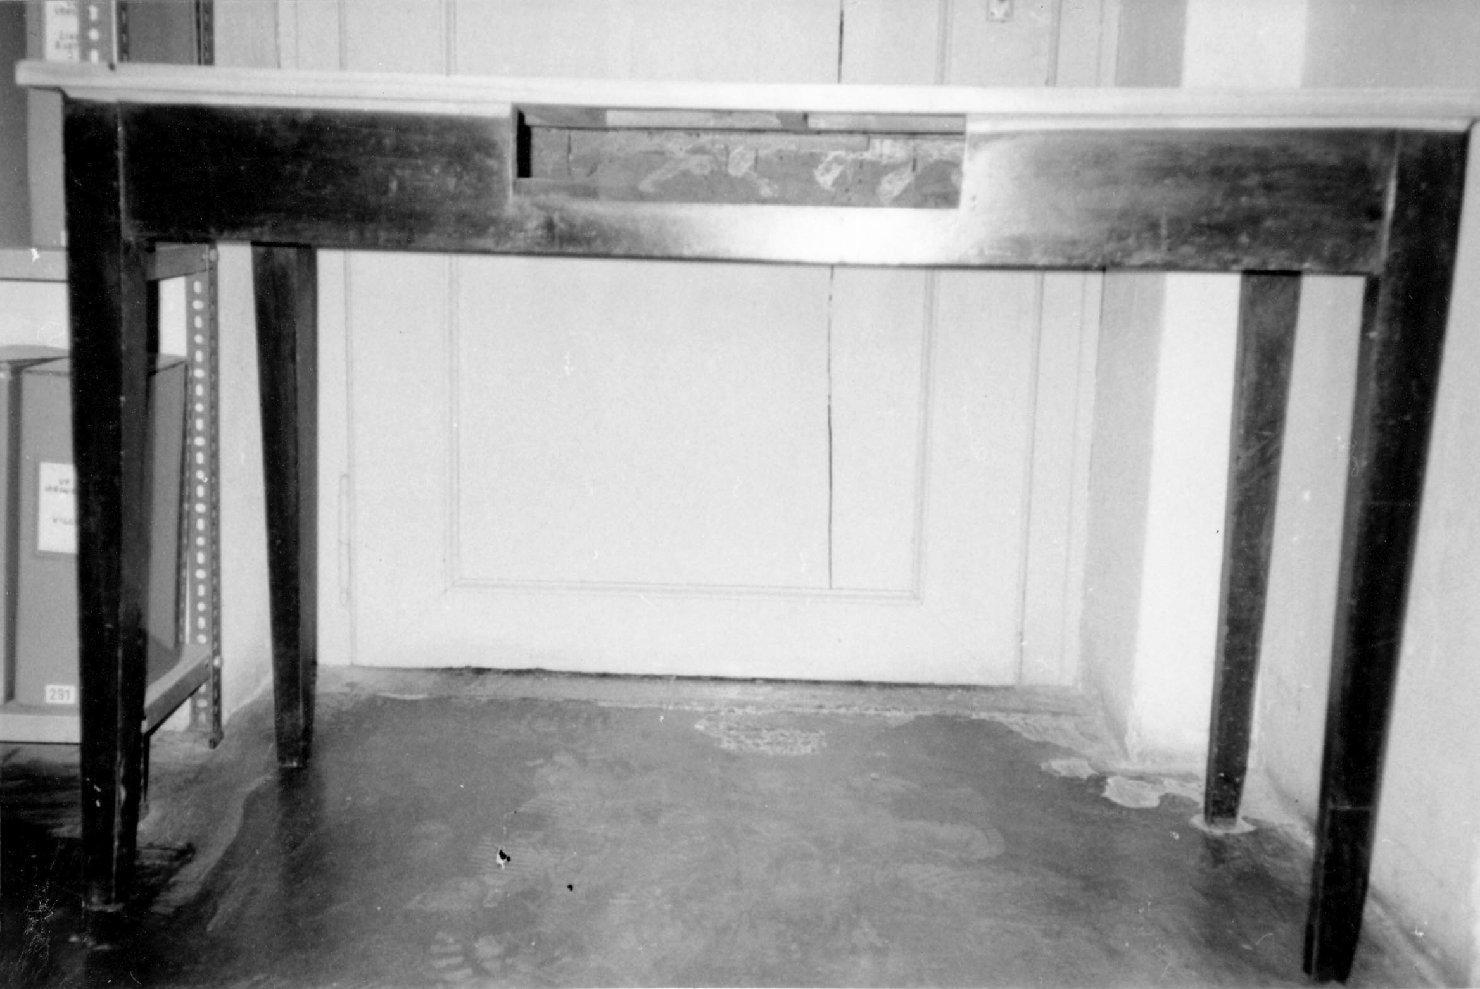 tavolo, opera isolata - manifattura italiana (prima metà sec. XX)